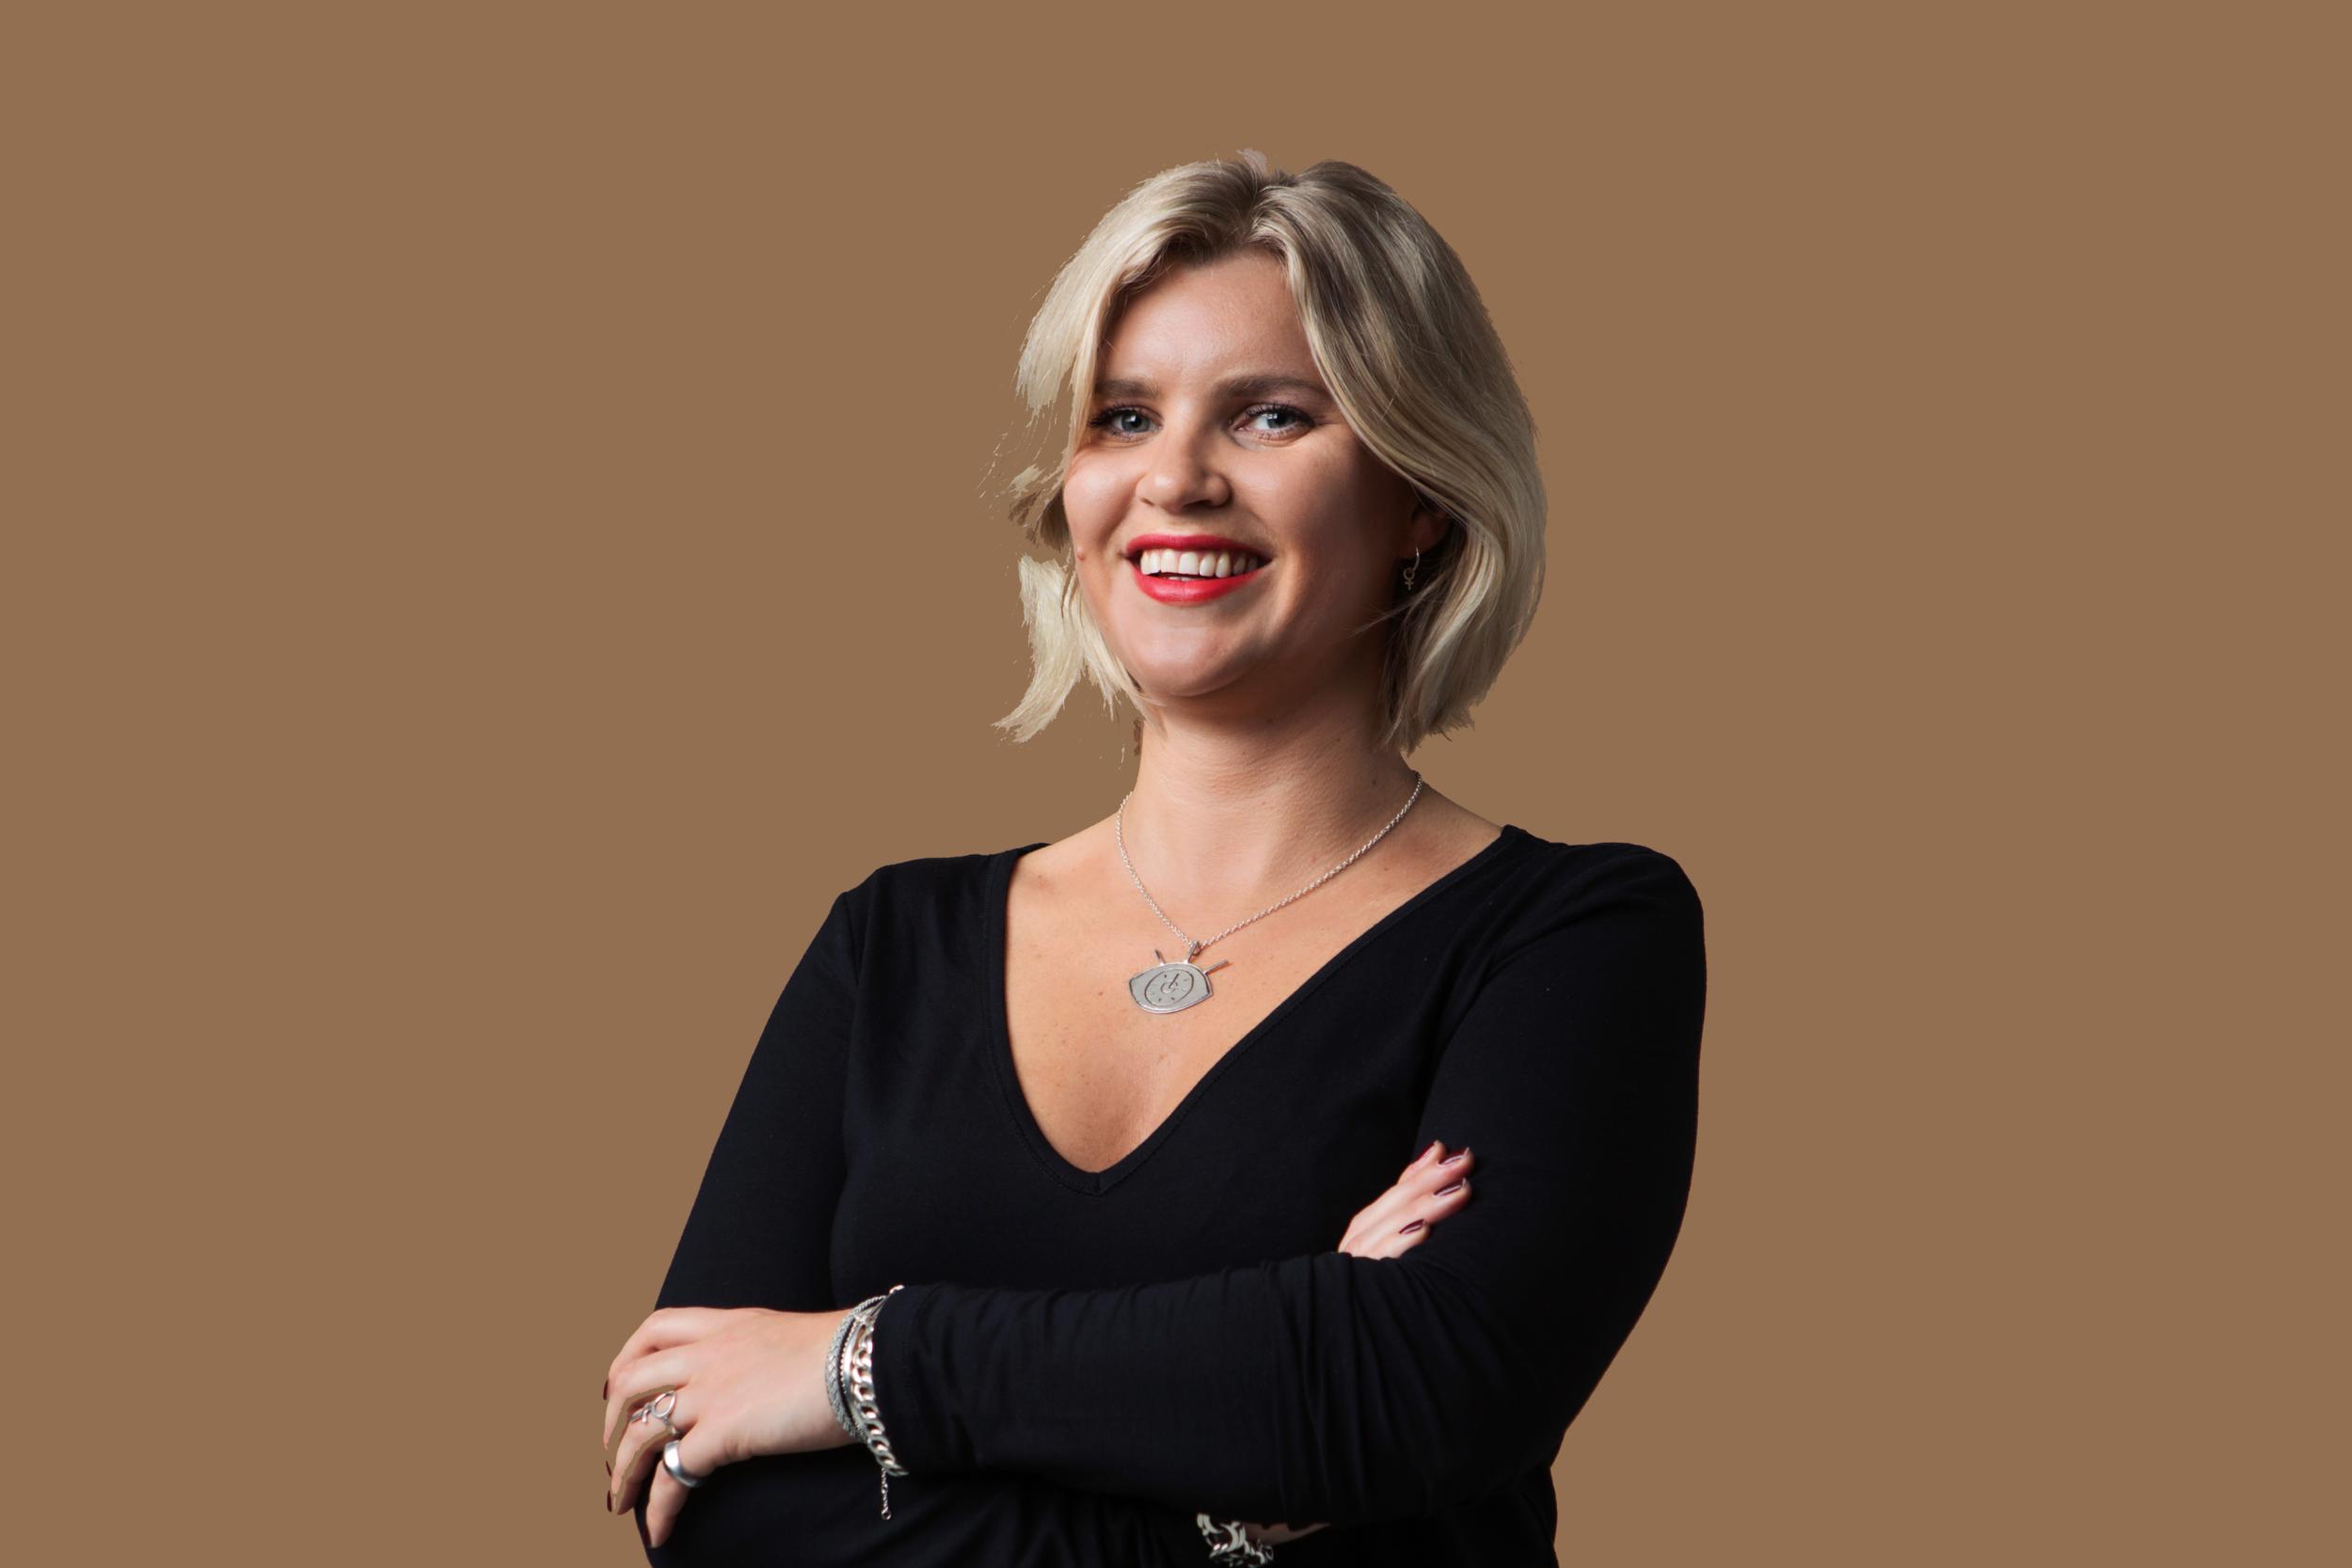 Föreläsare-Lisen Andreasson Florman.png